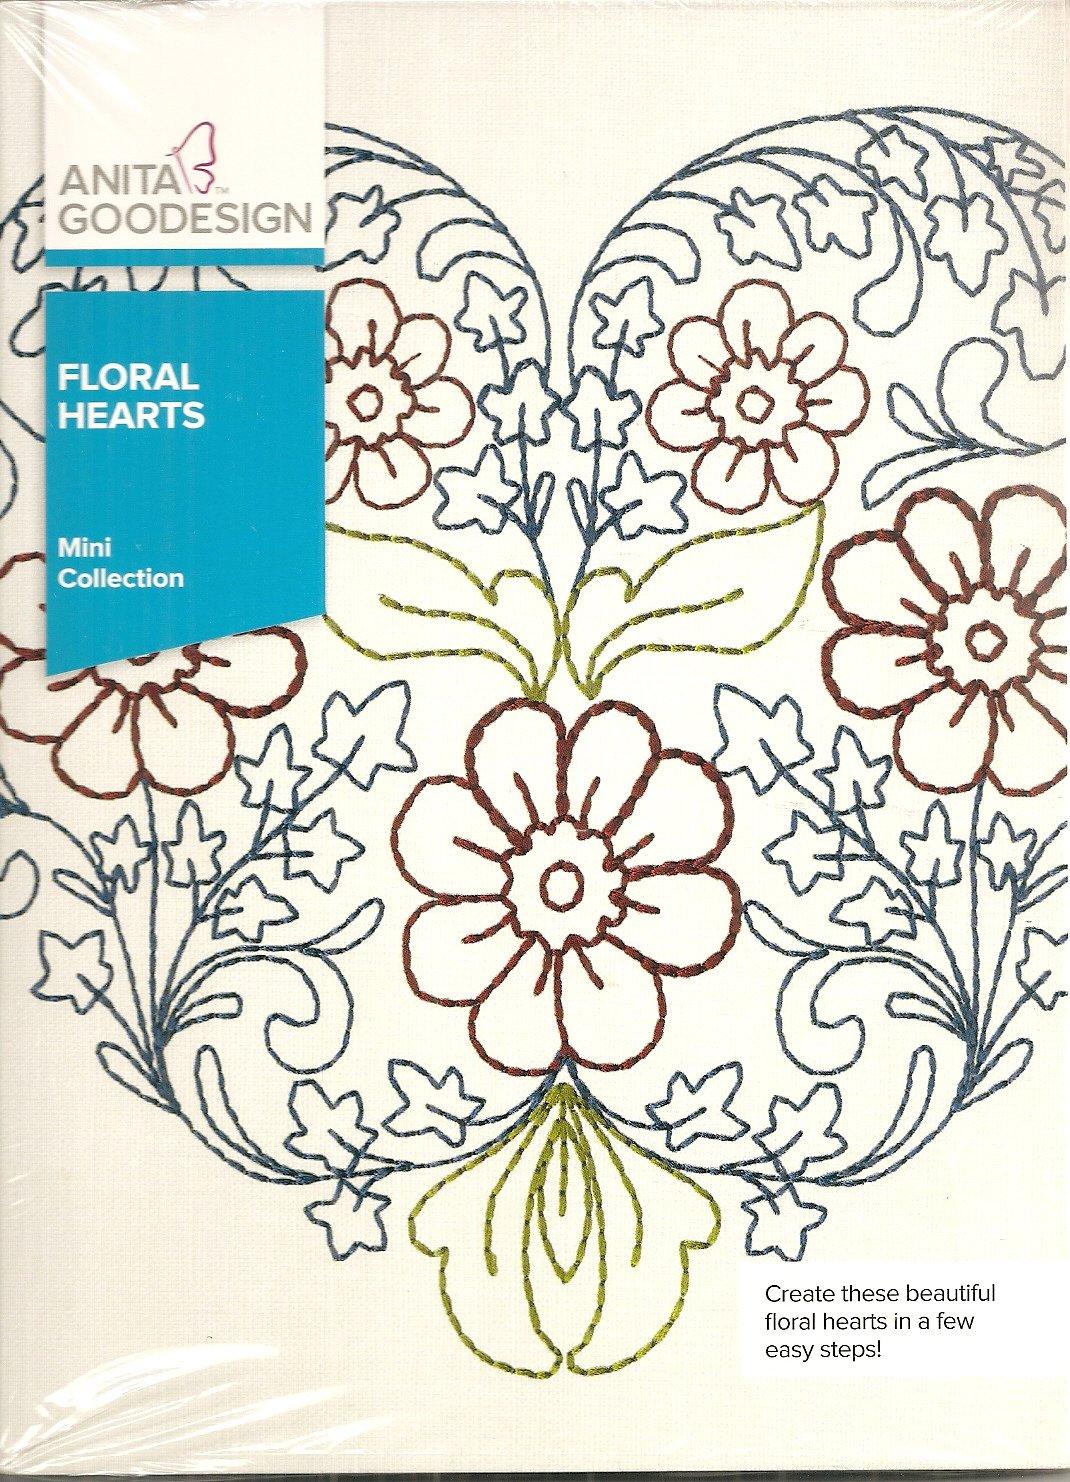 Anita Goodesign Mini Collection Floral Hearts